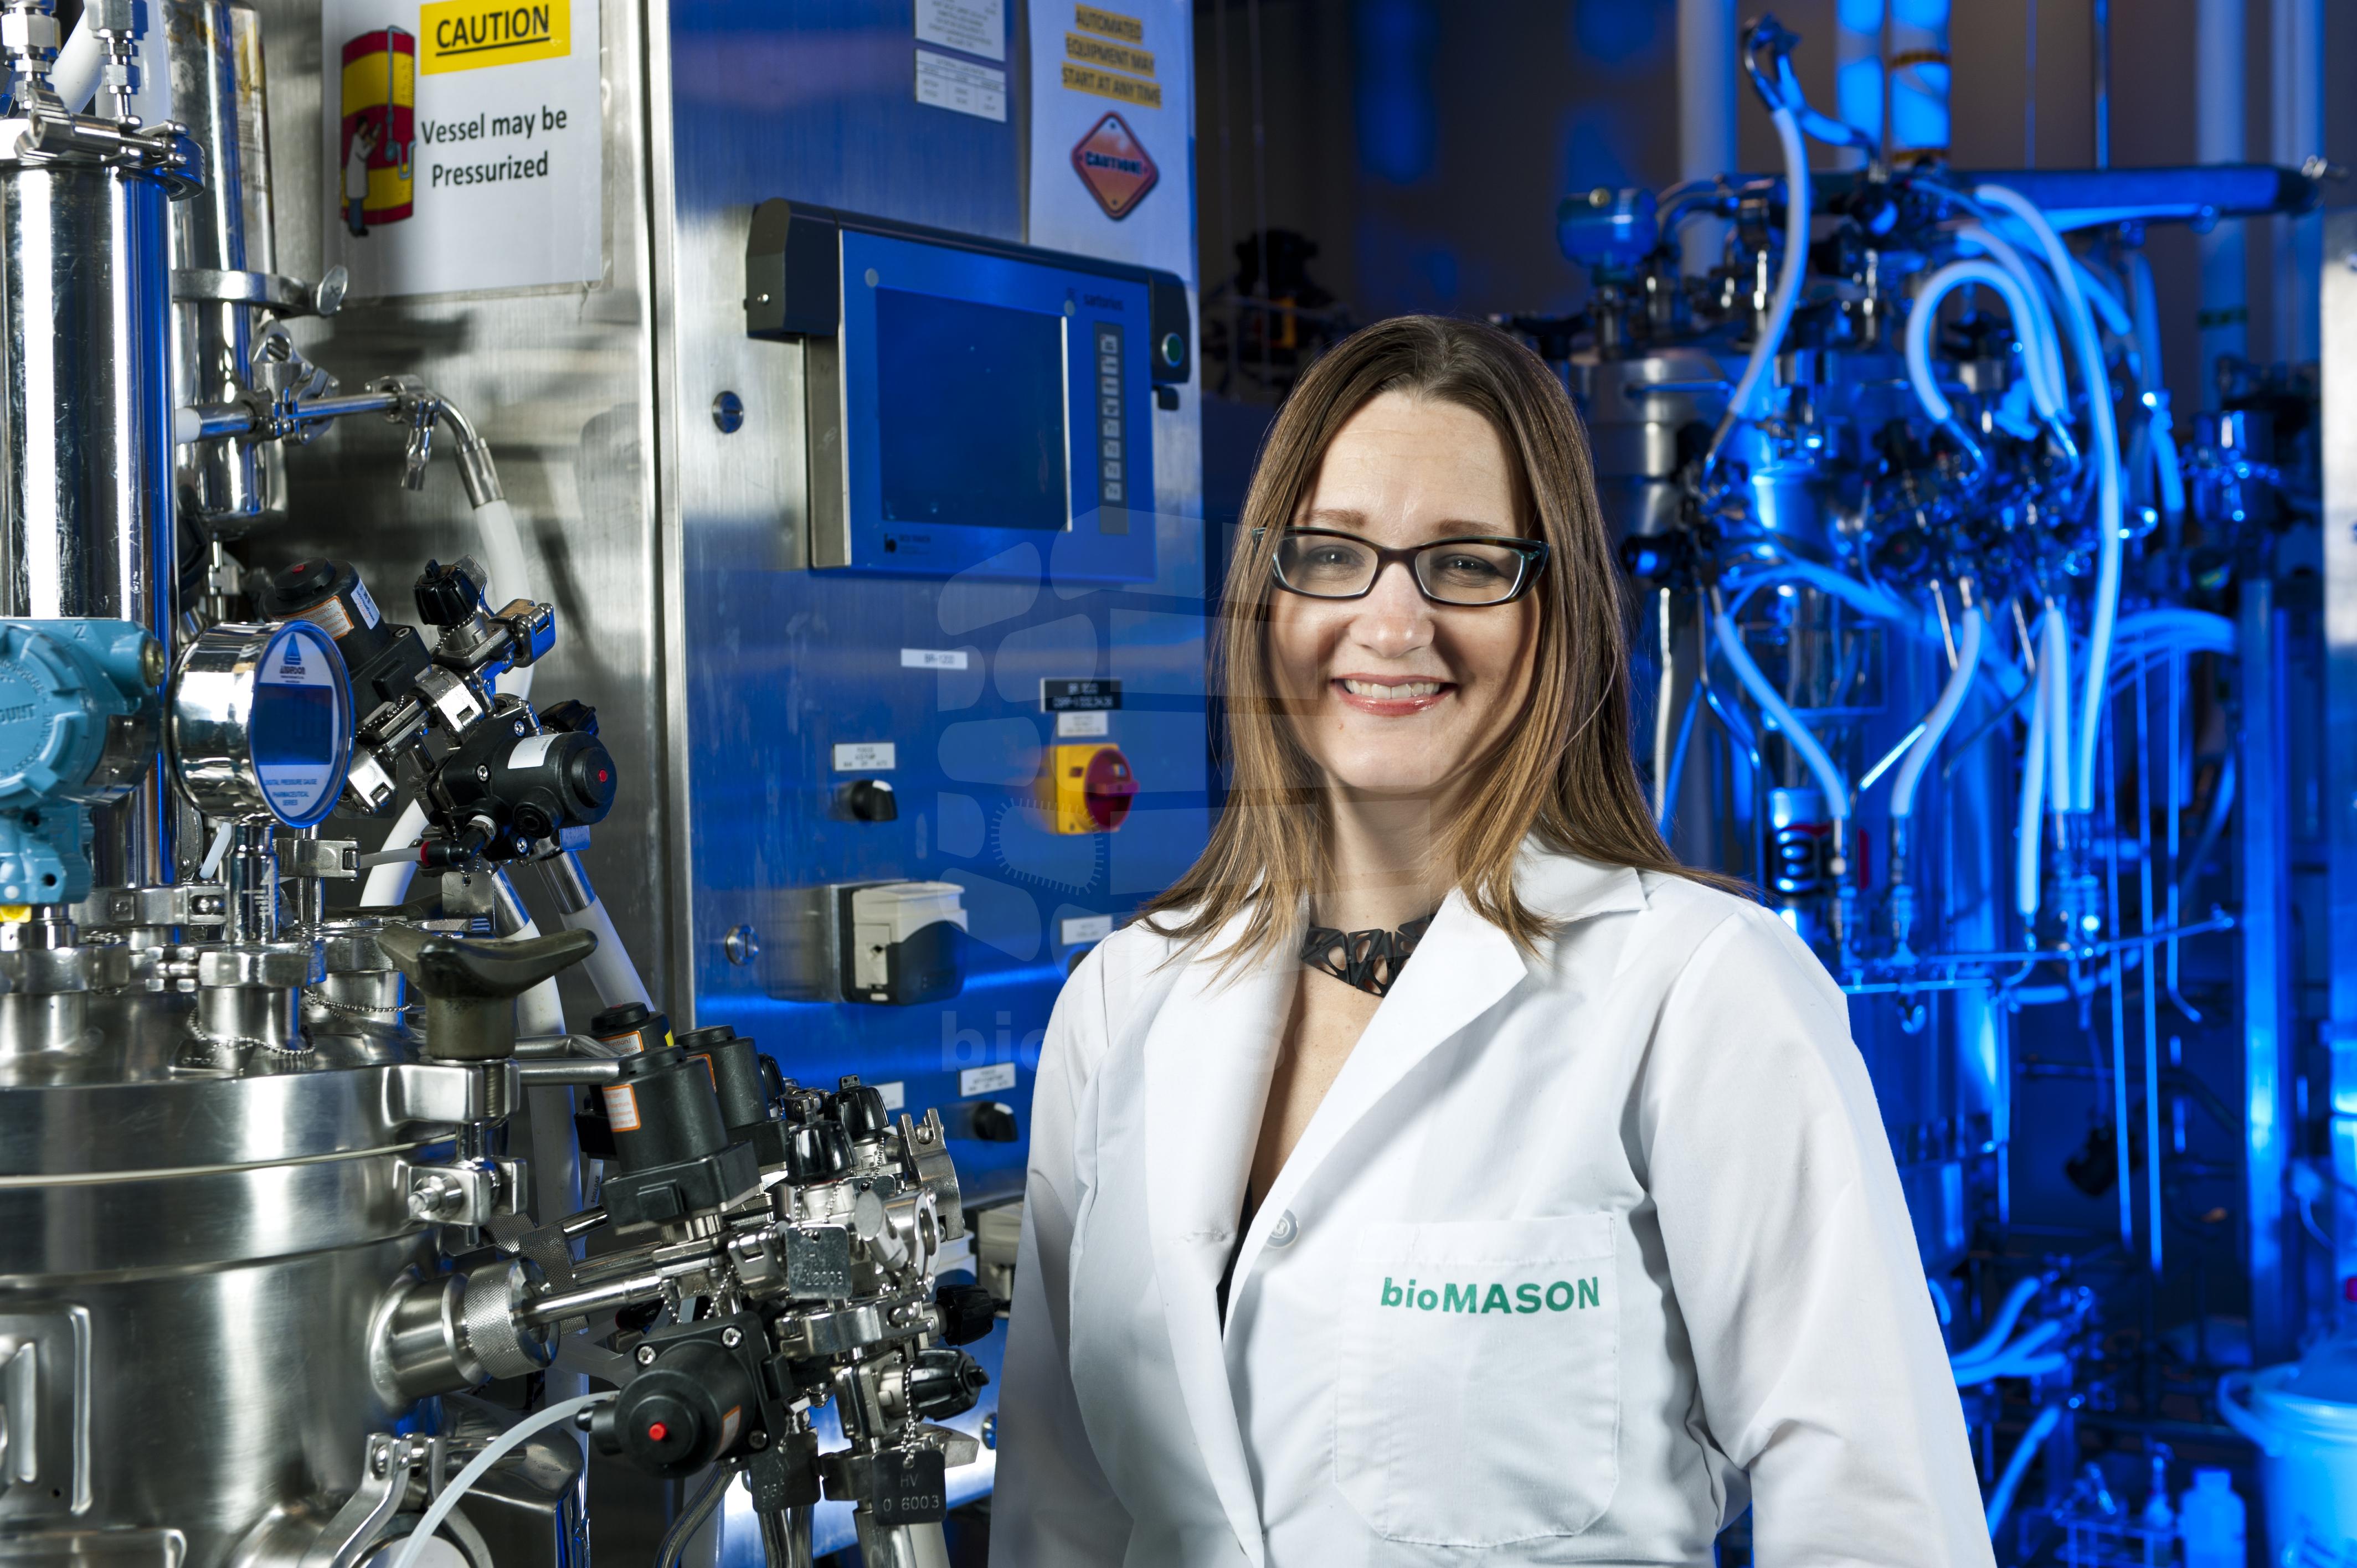 biomason founder Giner Krieg Dosier